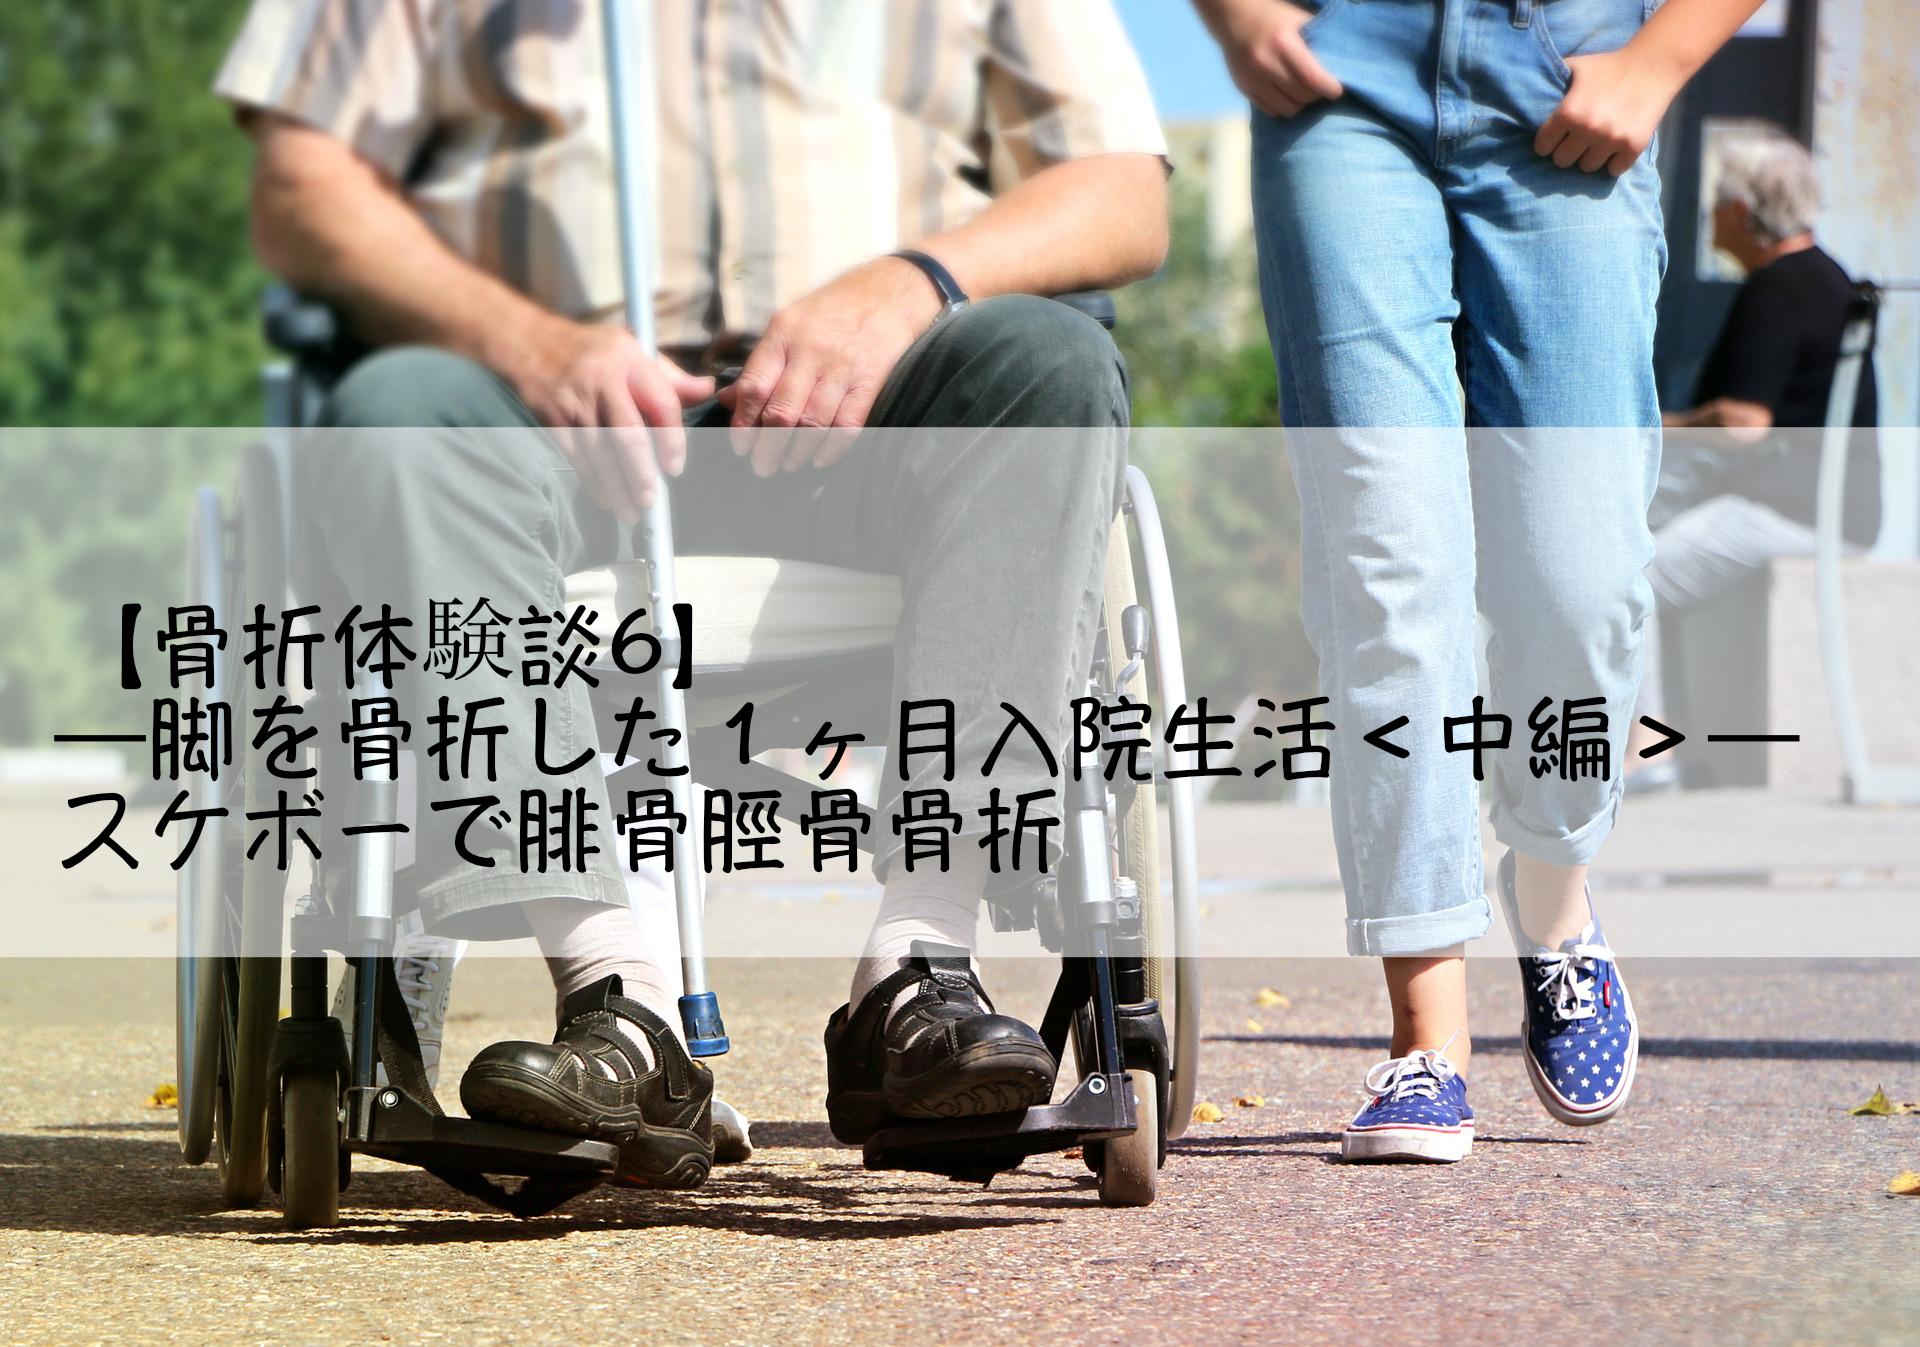 【骨折体験談6】─脚を骨折した1ヶ月入院生活<中編>─スケボーで腓骨脛骨骨折